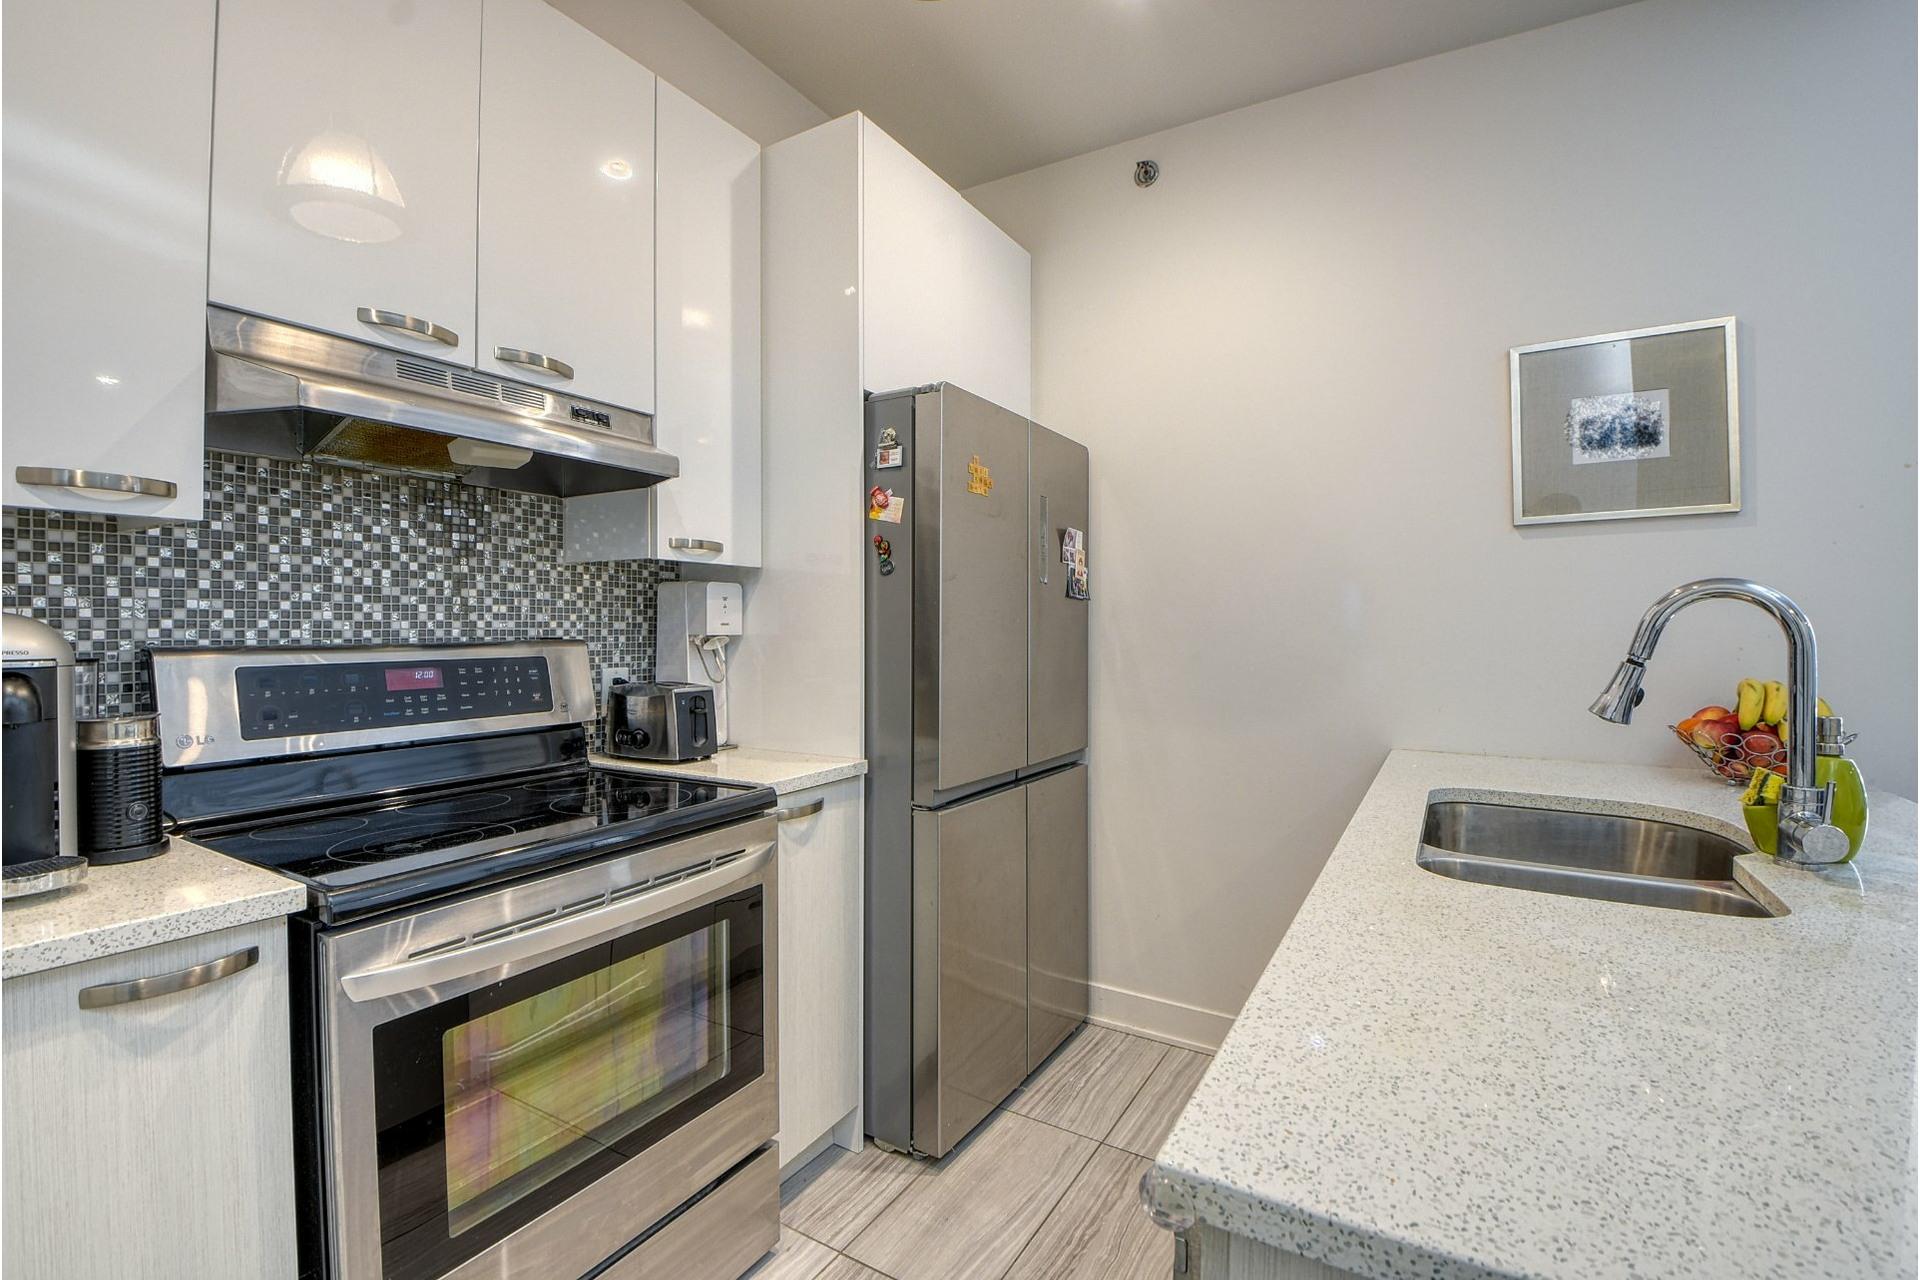 image 7 - Appartement À vendre Le Sud-Ouest Montréal  - 8 pièces